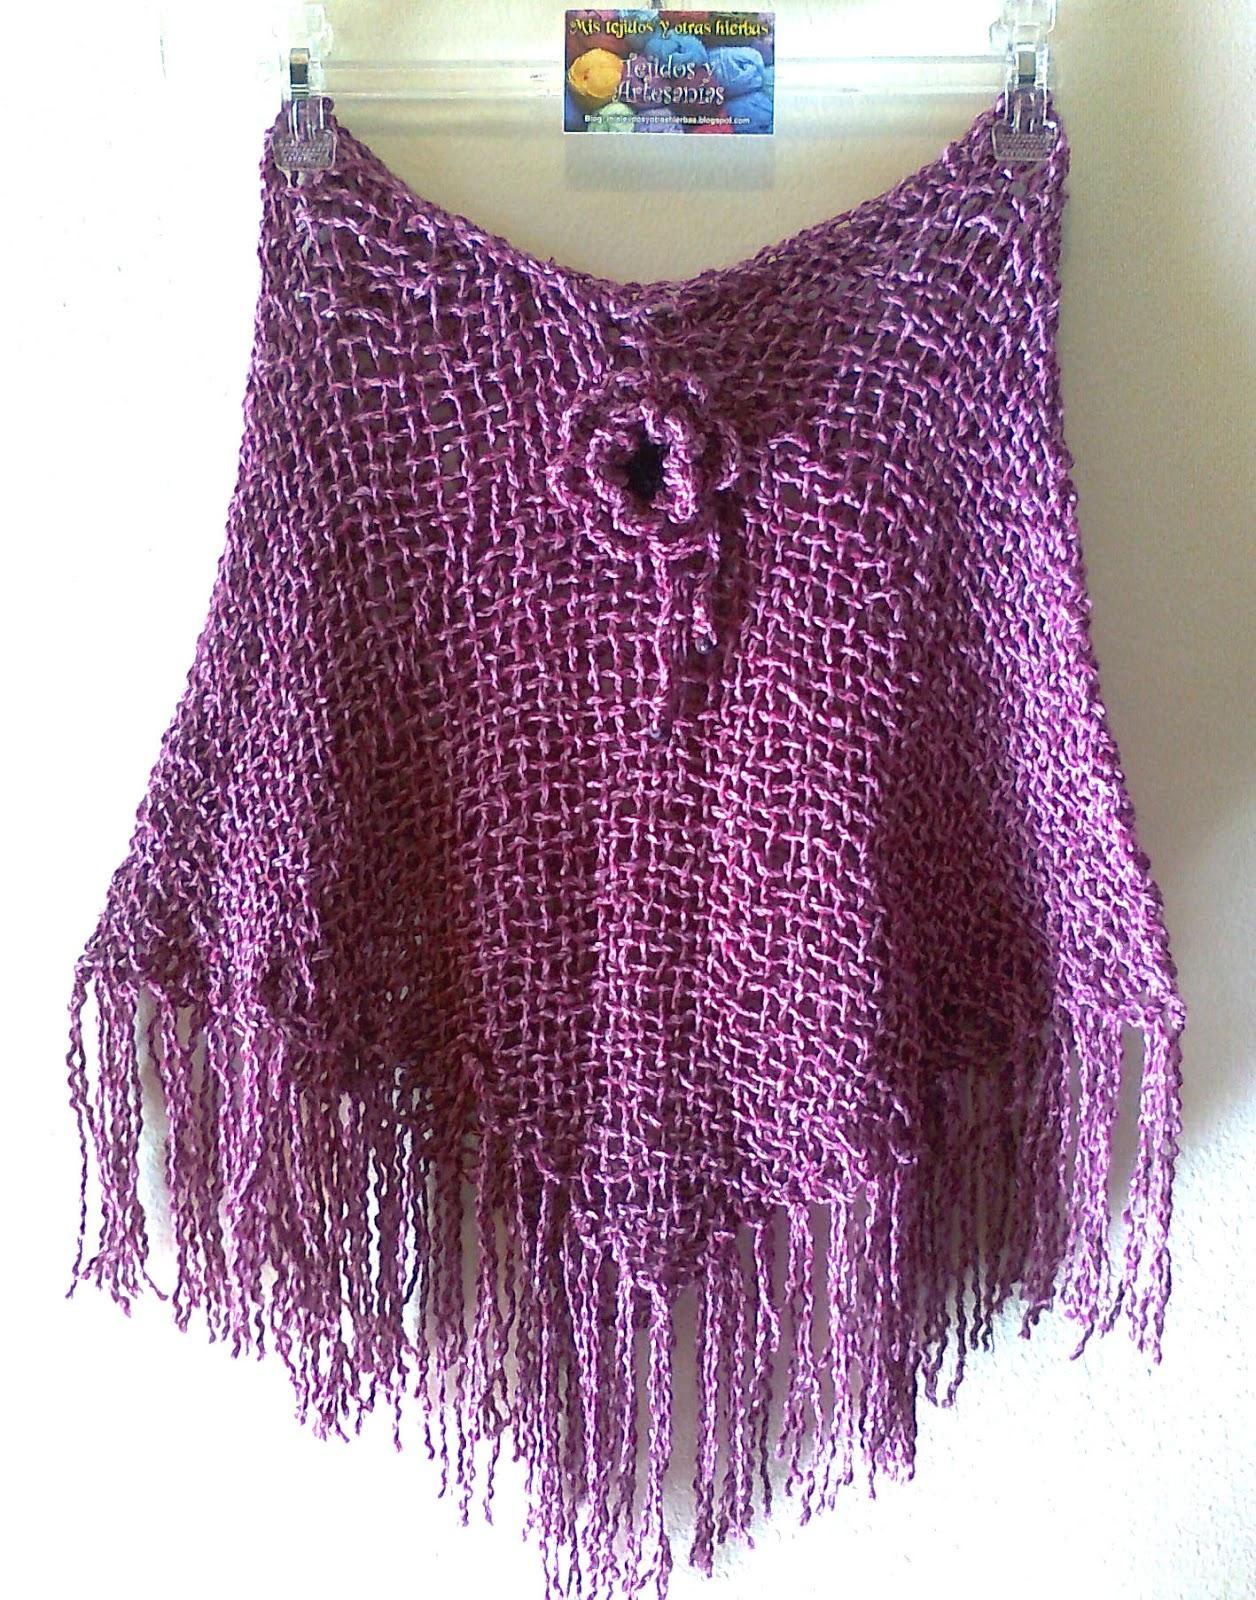 como hacer ponchos a crochet image como hacer ponchos en crochet download. Black Bedroom Furniture Sets. Home Design Ideas